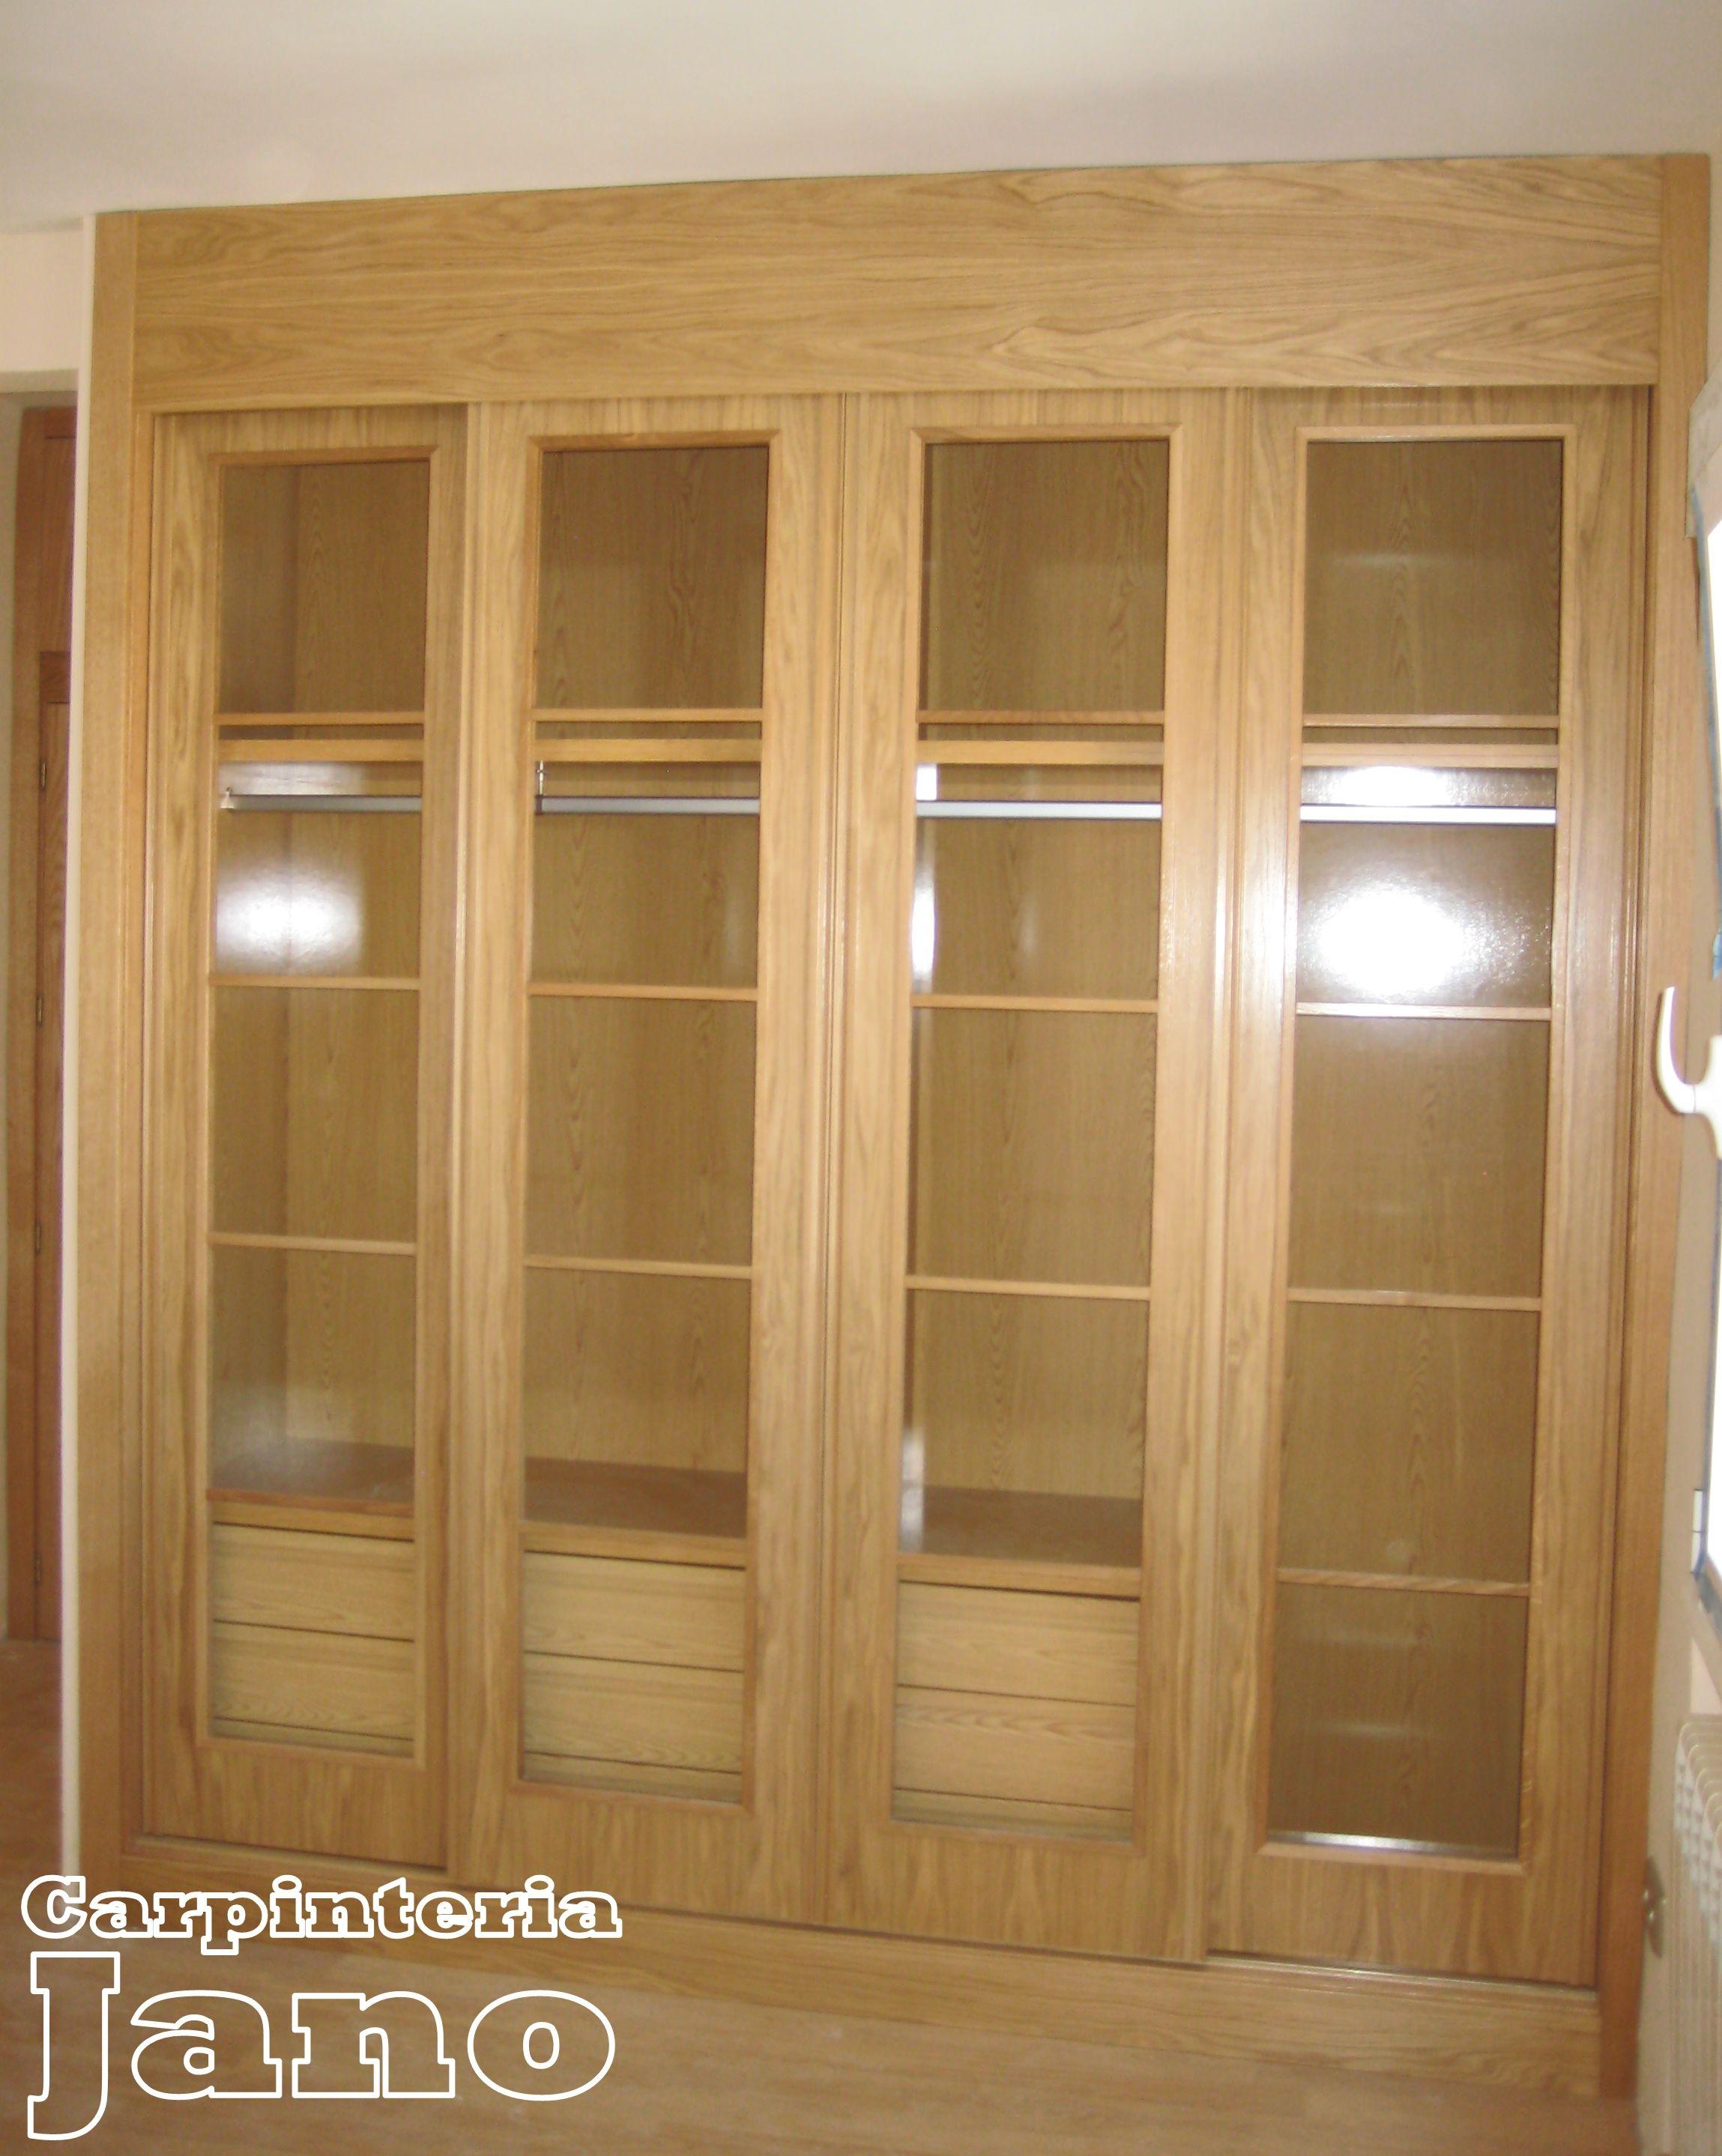 Armario a medida con frente de puertas correderas de roble barnizado preparado para instalaci n - Puertas de cristal para armarios ...